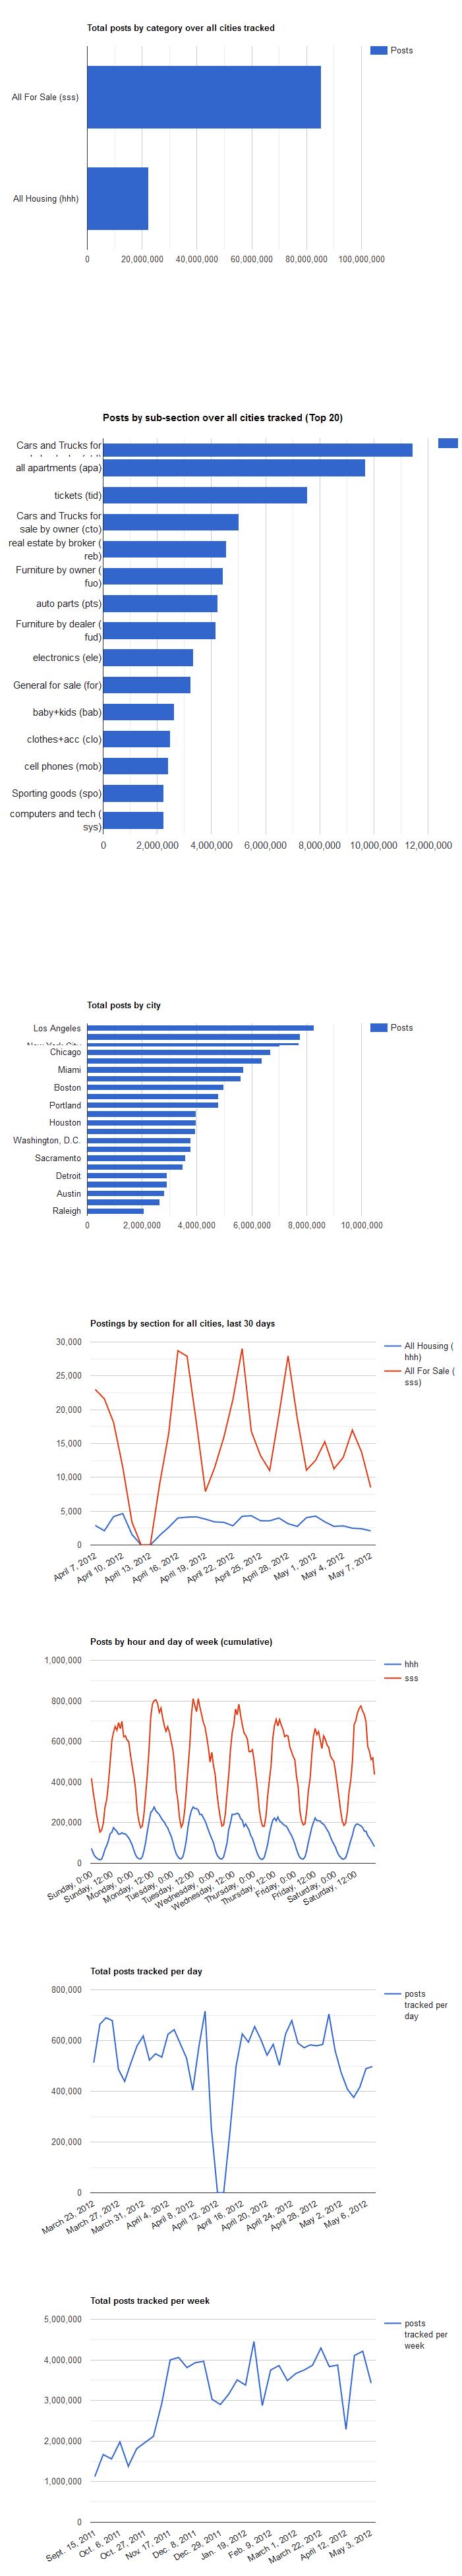 Craigs List Overall Statistics